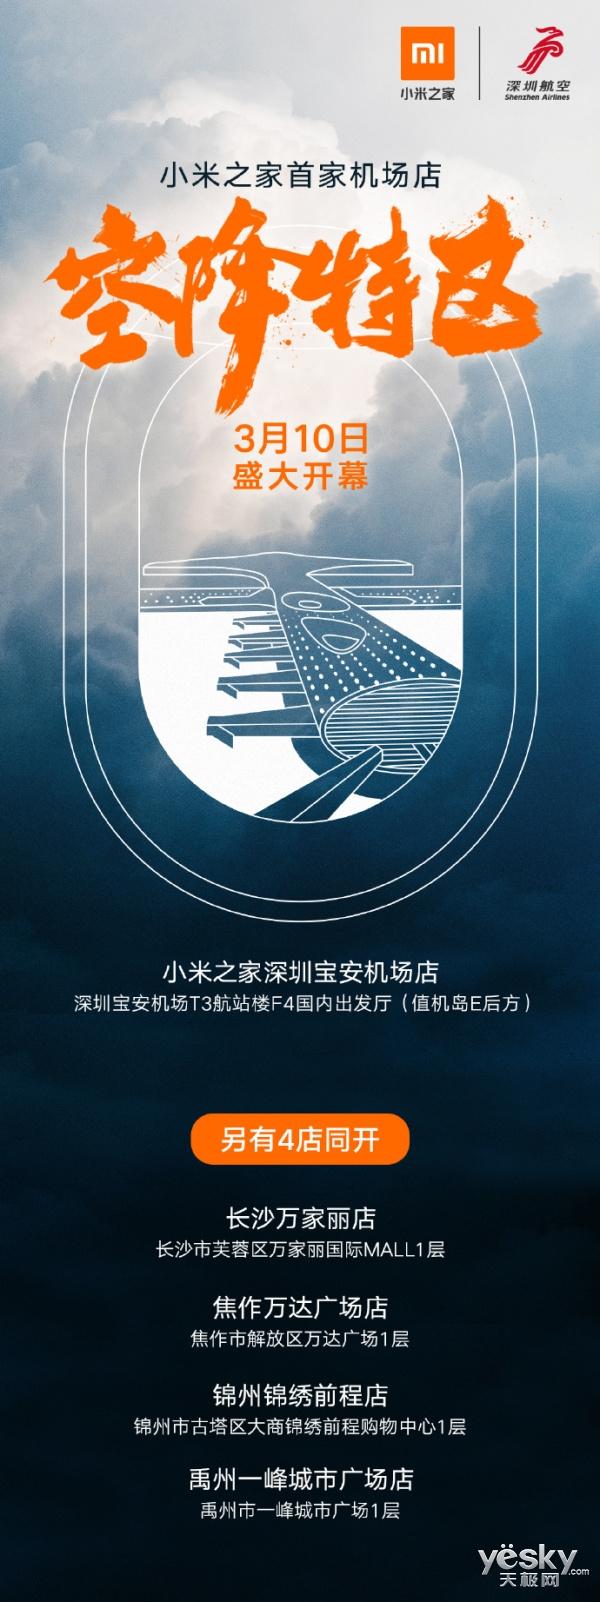 小米之家首家机场店3月10日深圳宝安机场正式开业